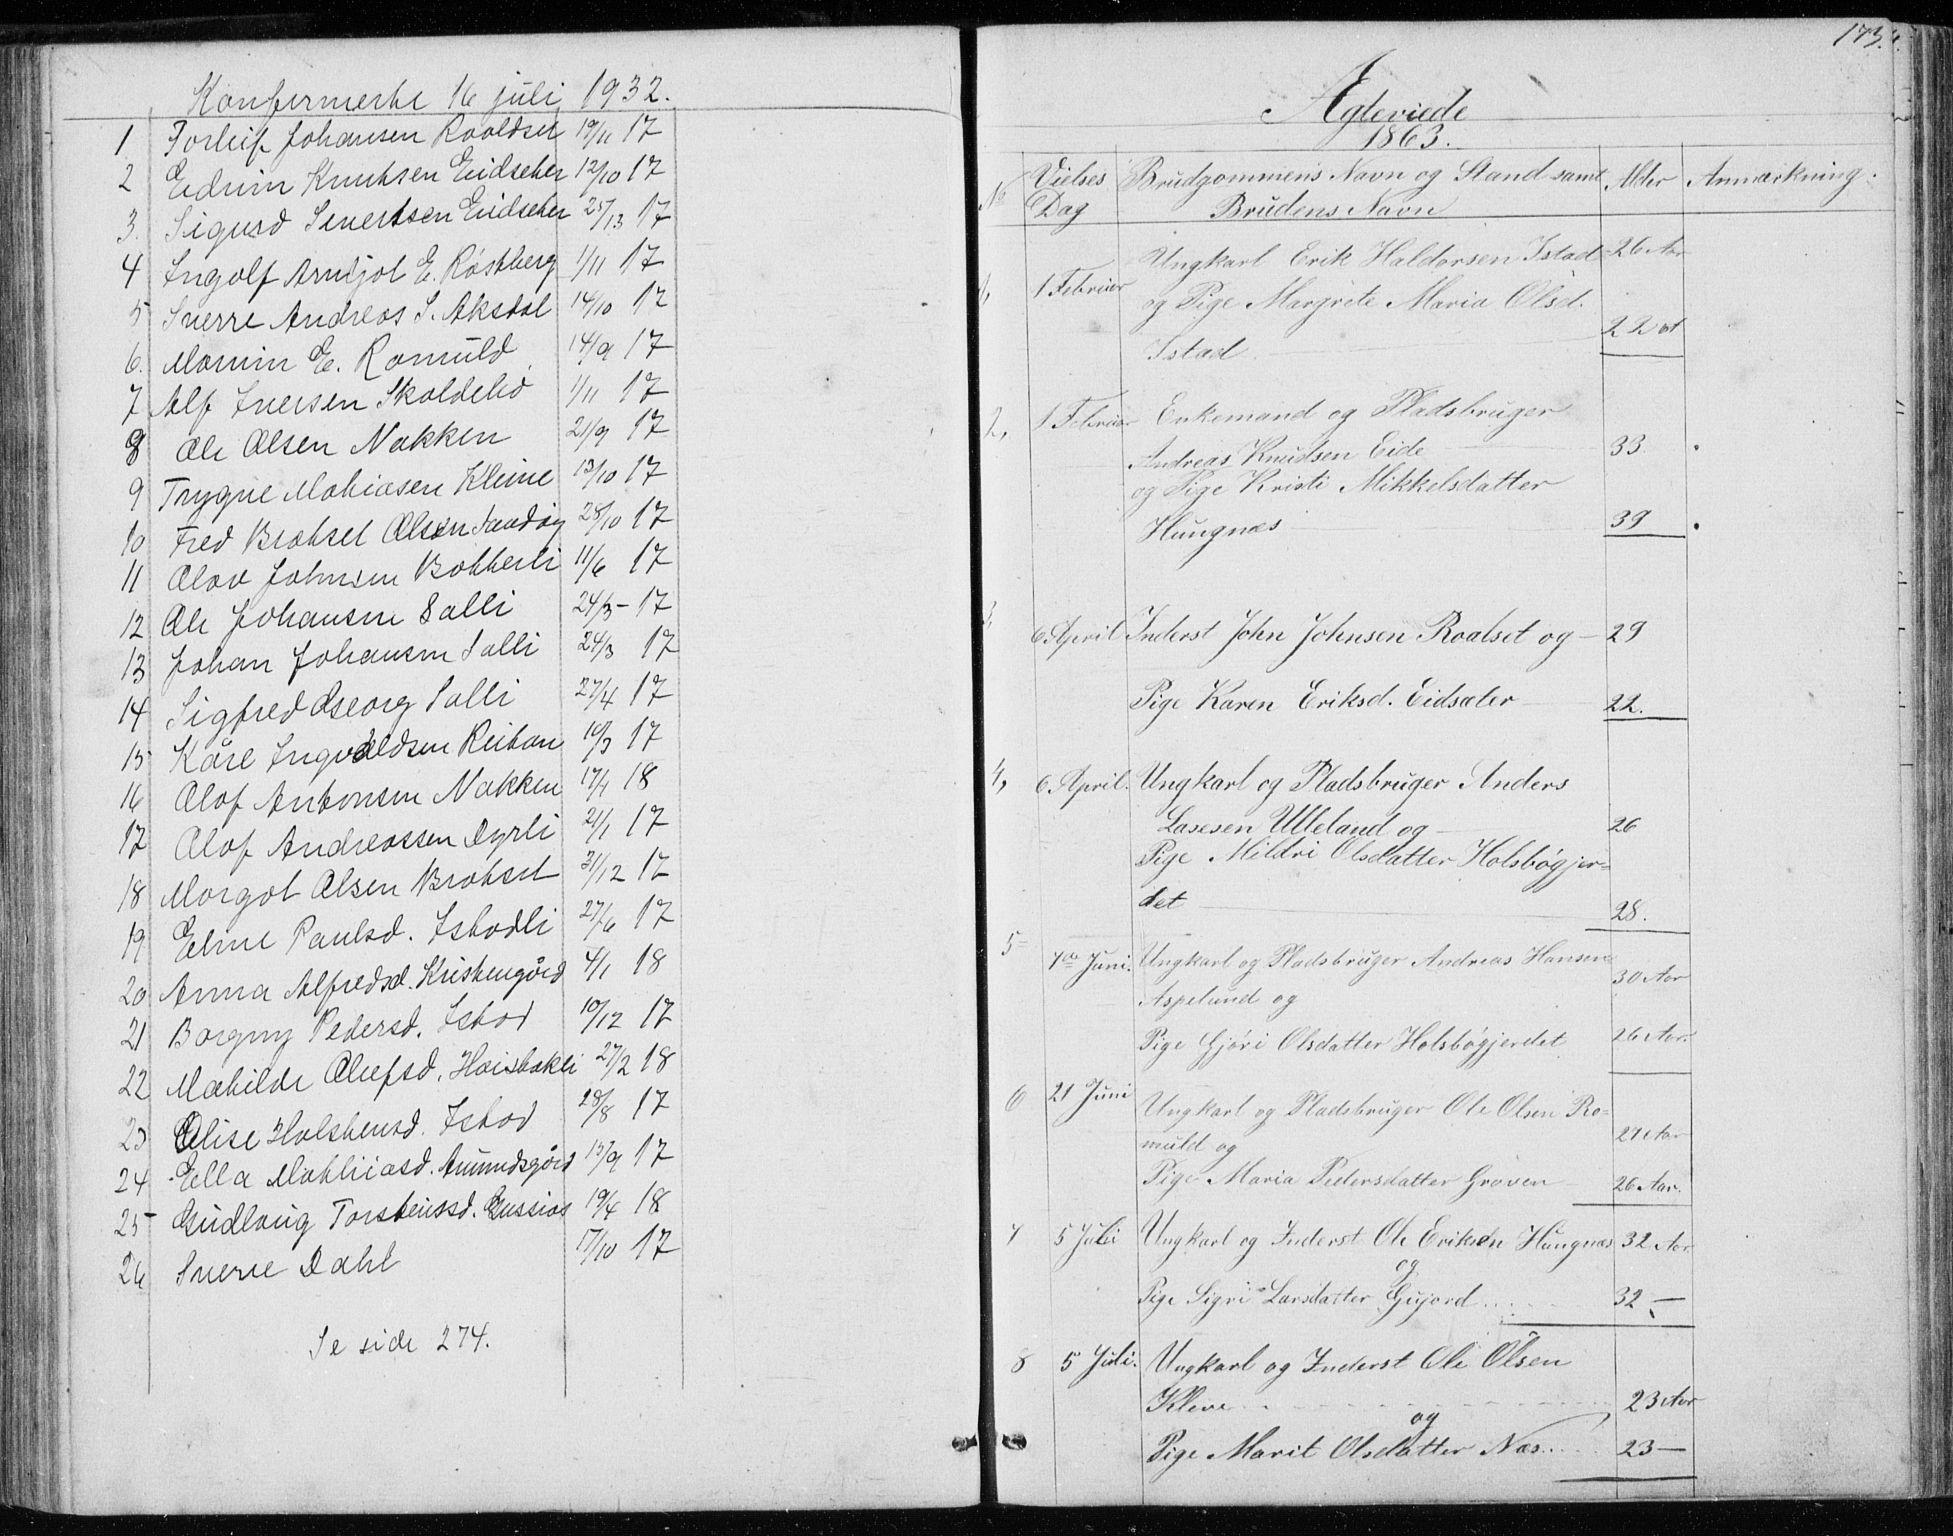 SAT, Ministerialprotokoller, klokkerbøker og fødselsregistre - Møre og Romsdal, 557/L0684: Parish register (copy) no. 557C02, 1863-1944, p. 173